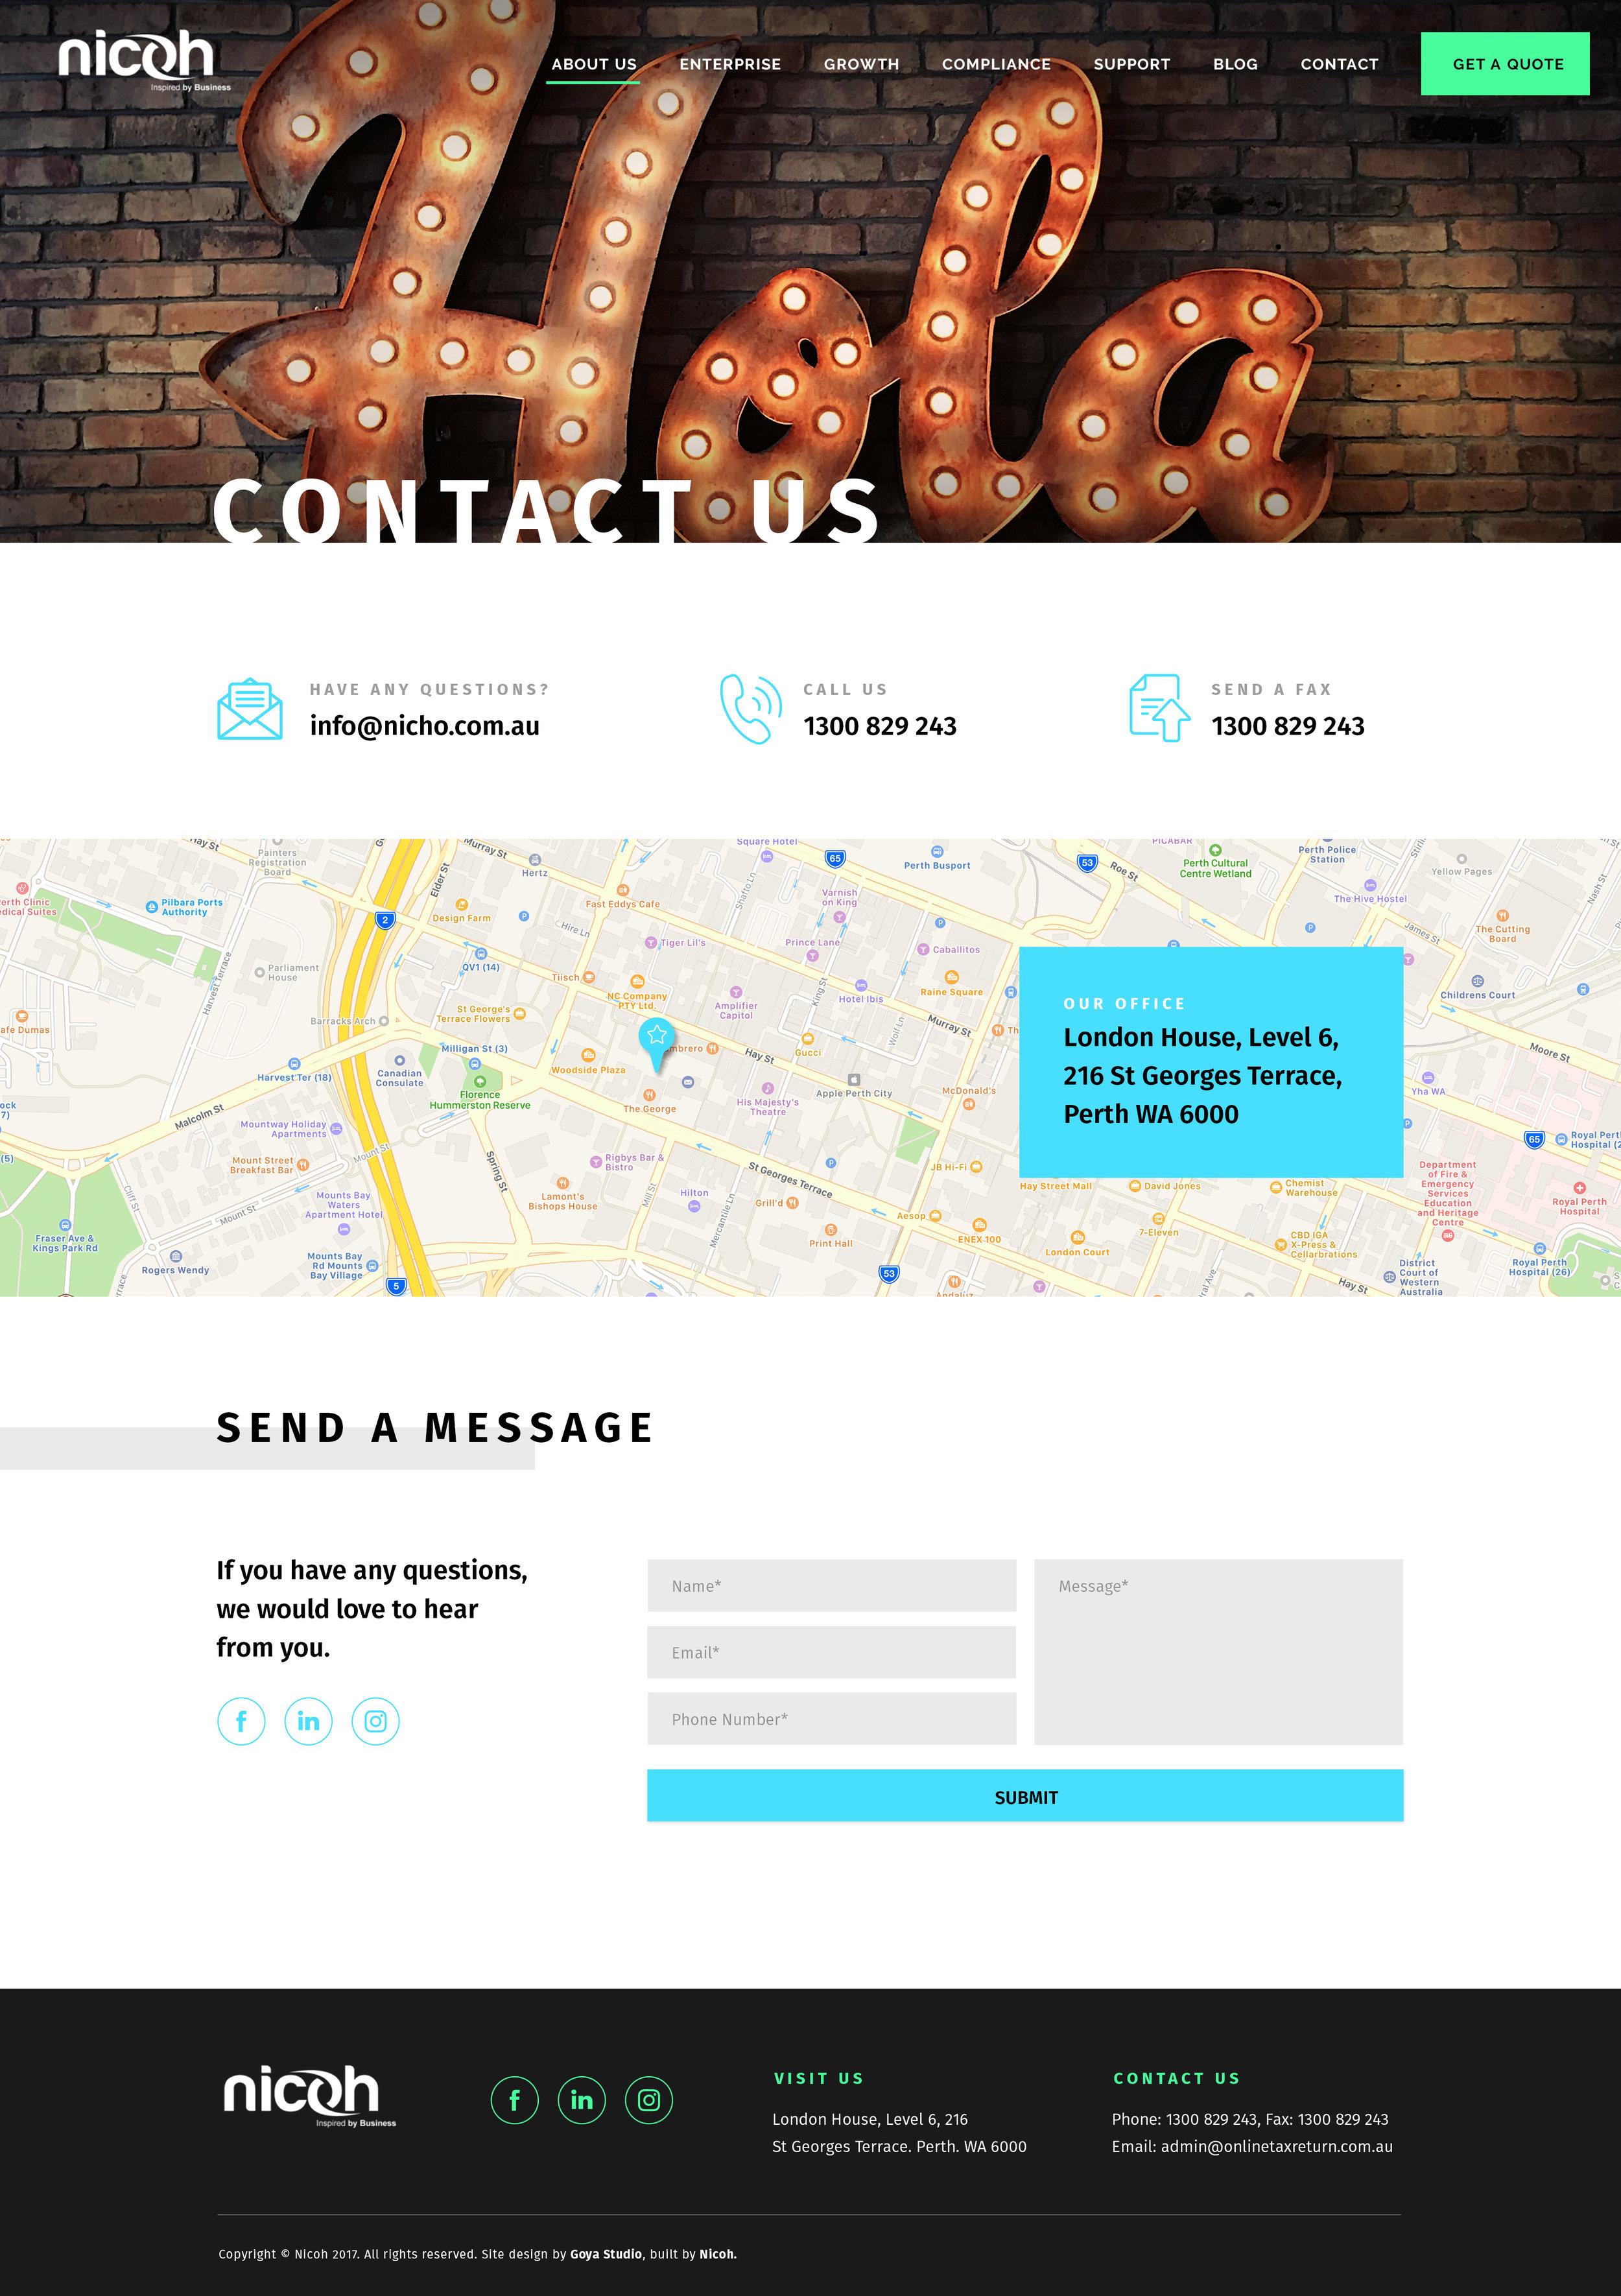 NICO001b Nicoh Website Design - Contact @2x.jpg